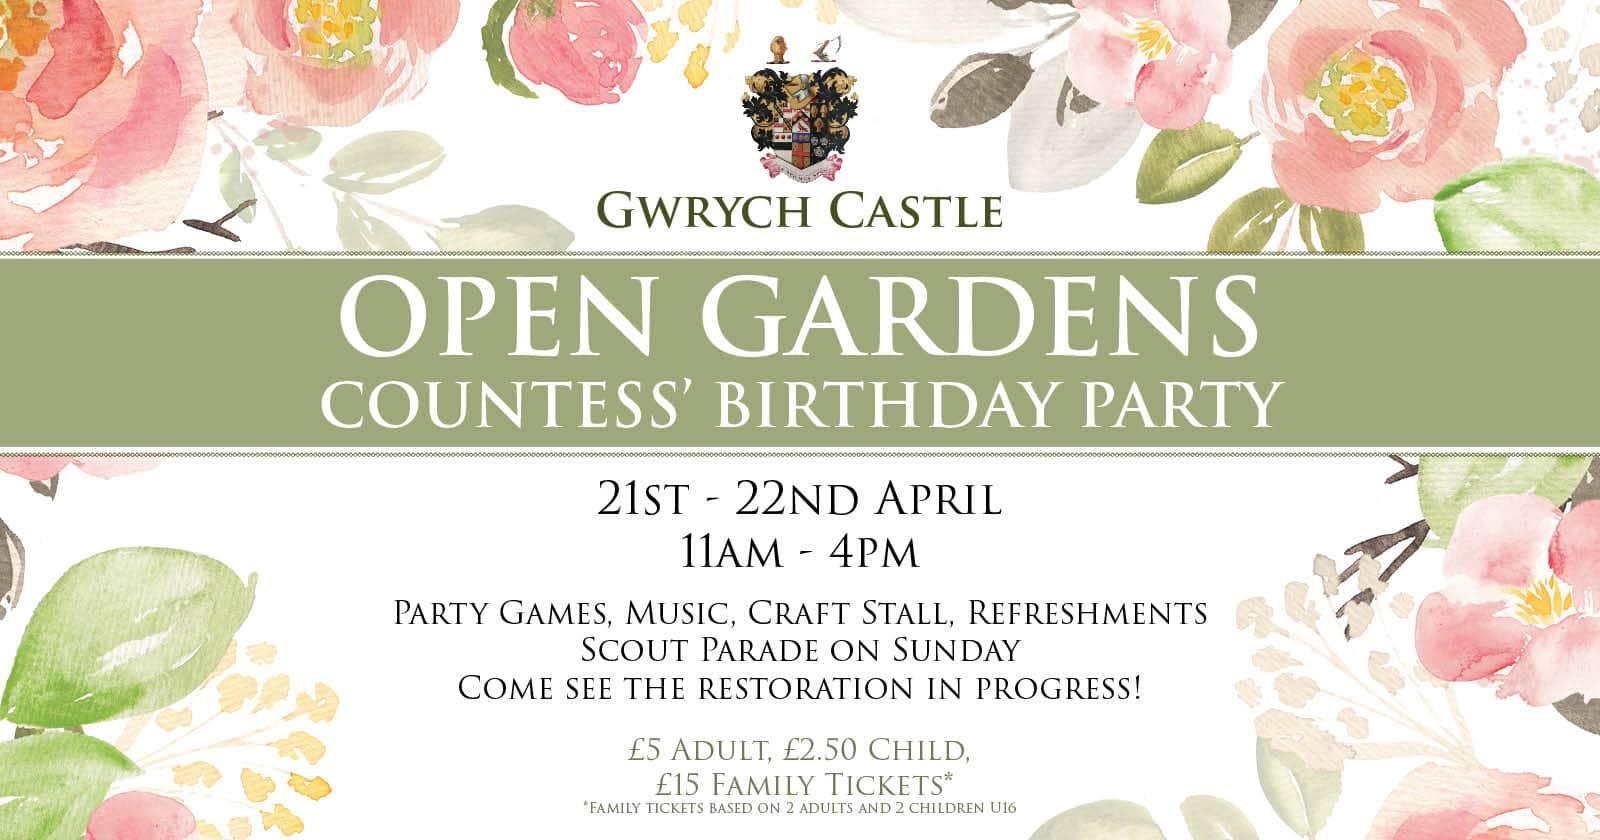 Gwrych Castle Marketing - Flyer Design